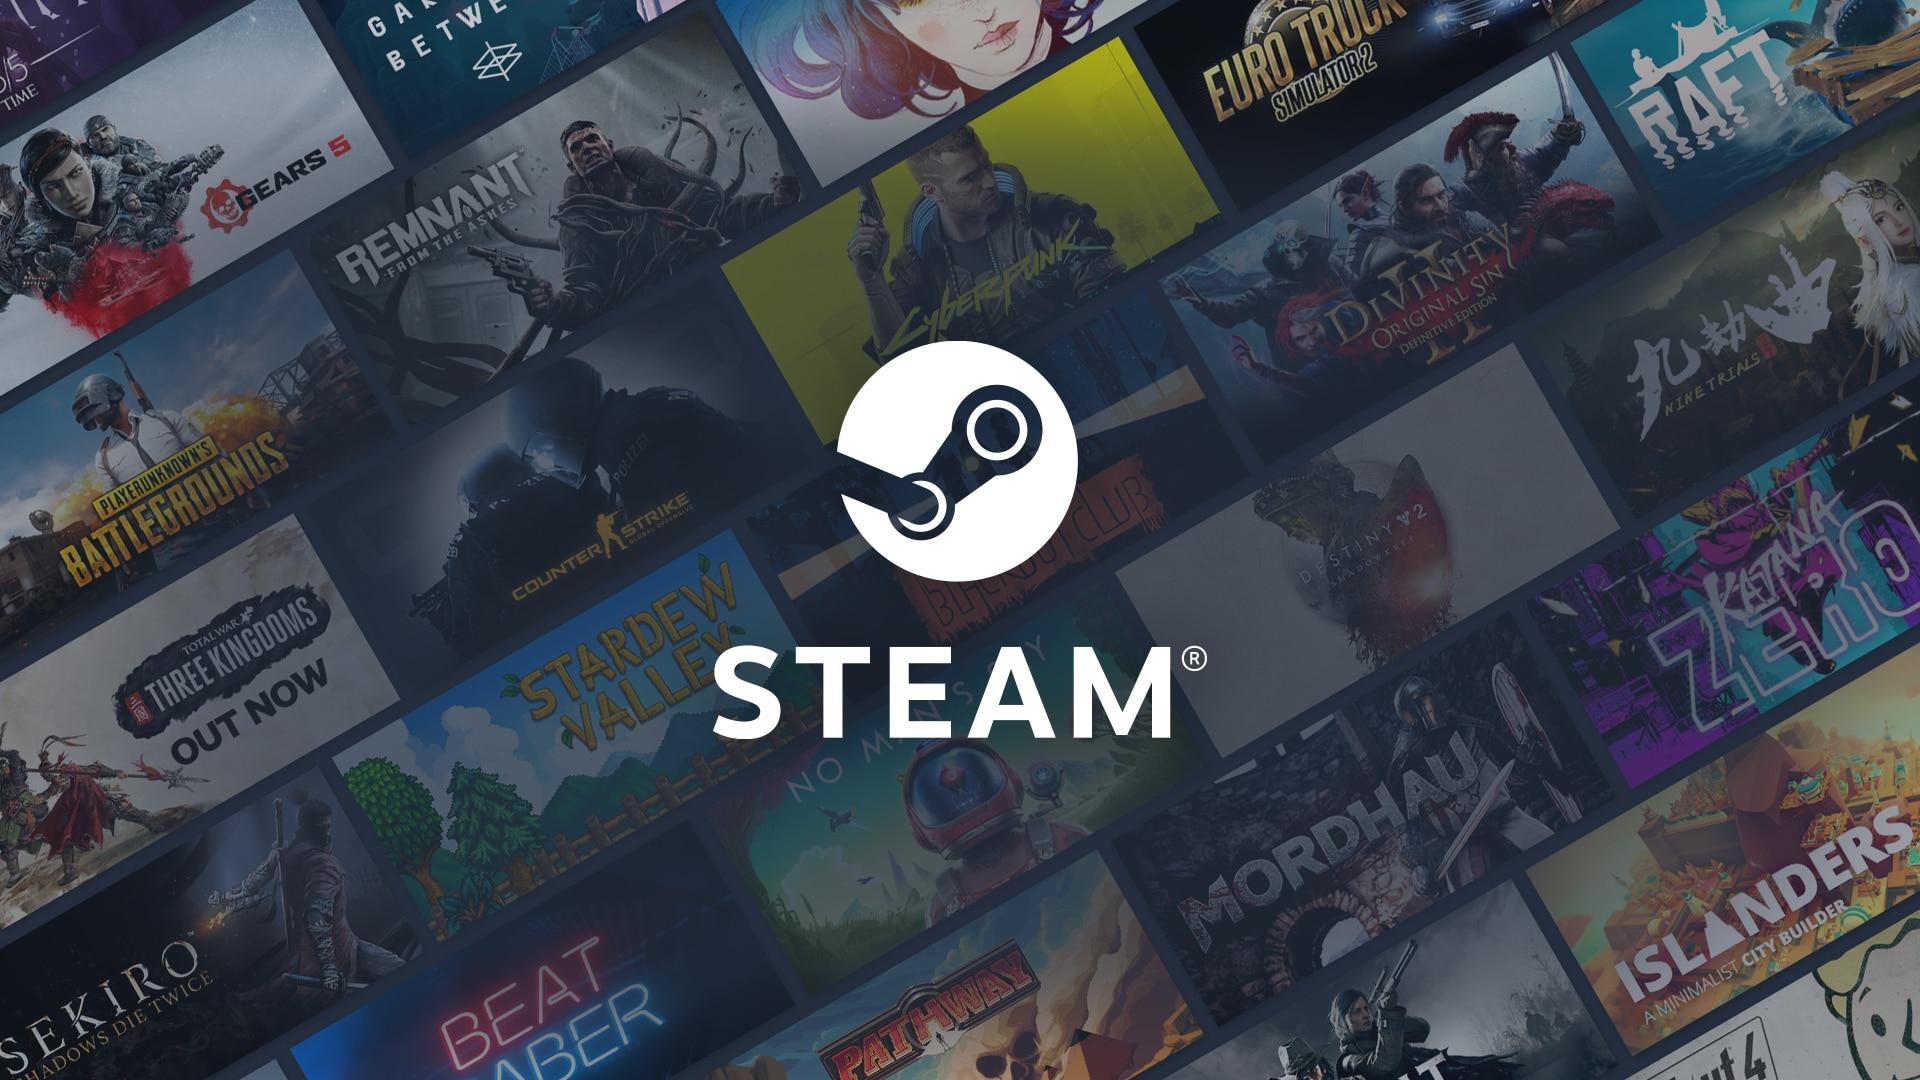 Steam eliminará la función de jugar versiones anteriores de juegos, GamersRD